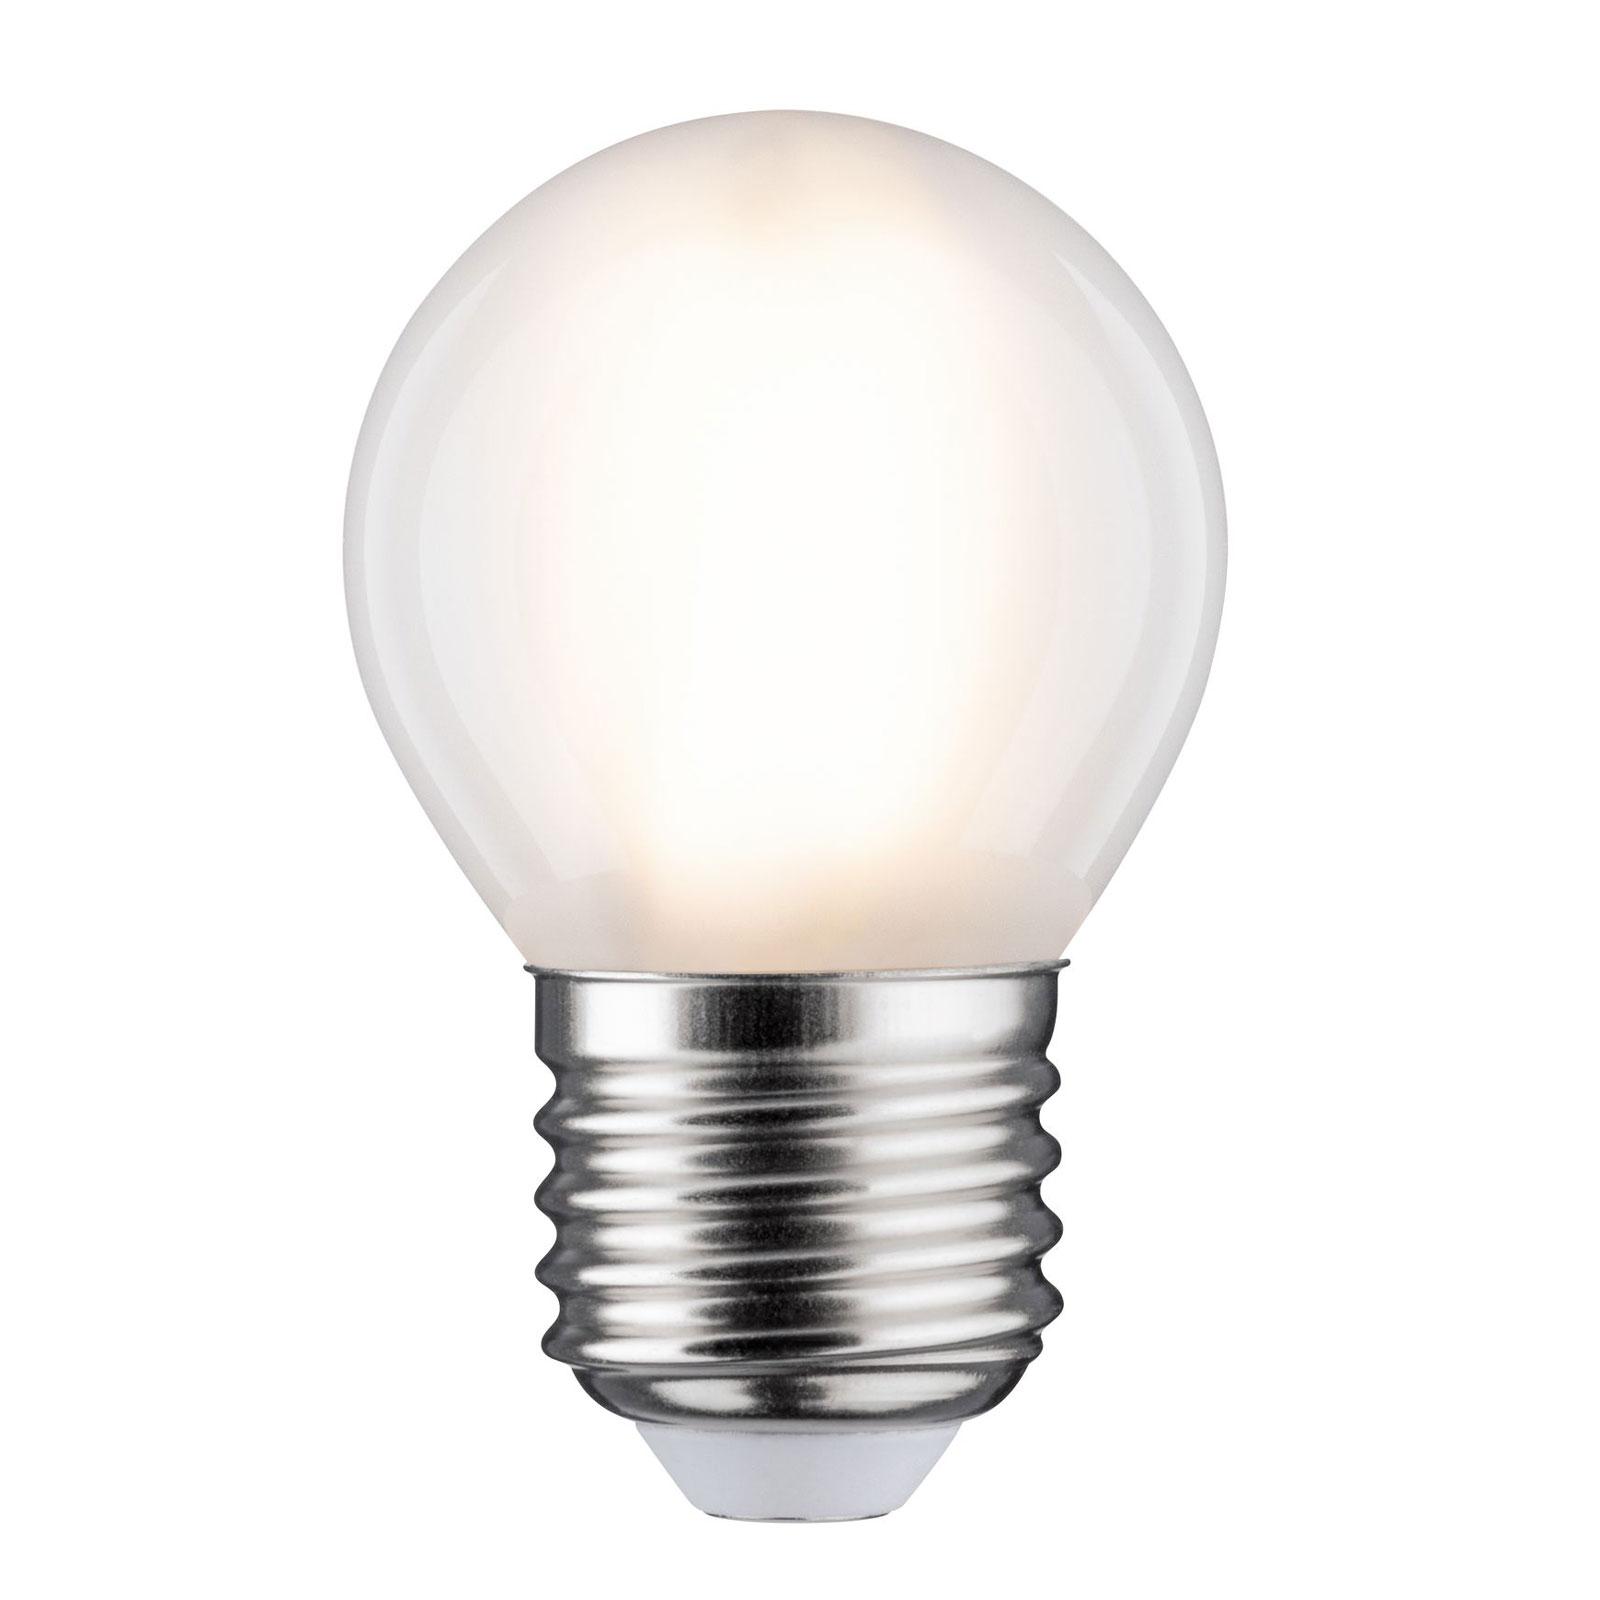 LED-pære E27 5 W dråpe 2700 K matt